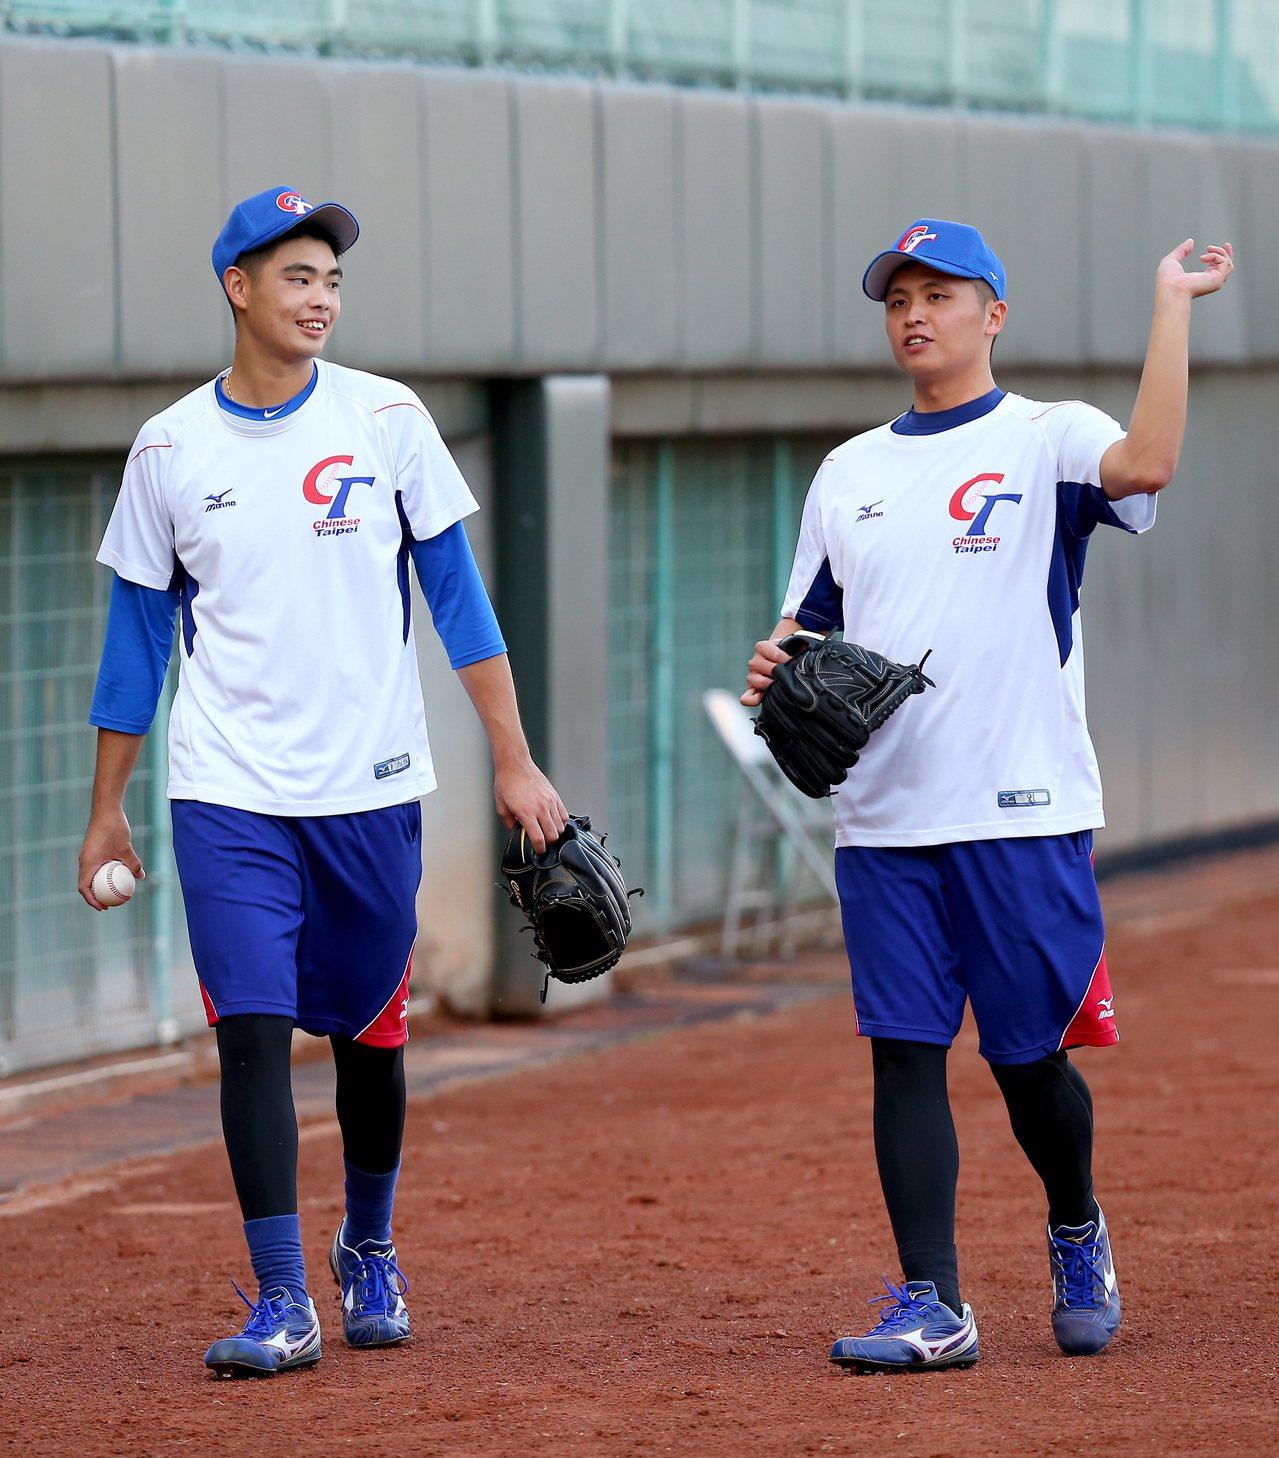 中華隊投手陳仕朋(右)與陳柏毓互相討論、交流。記者余承翰/攝影